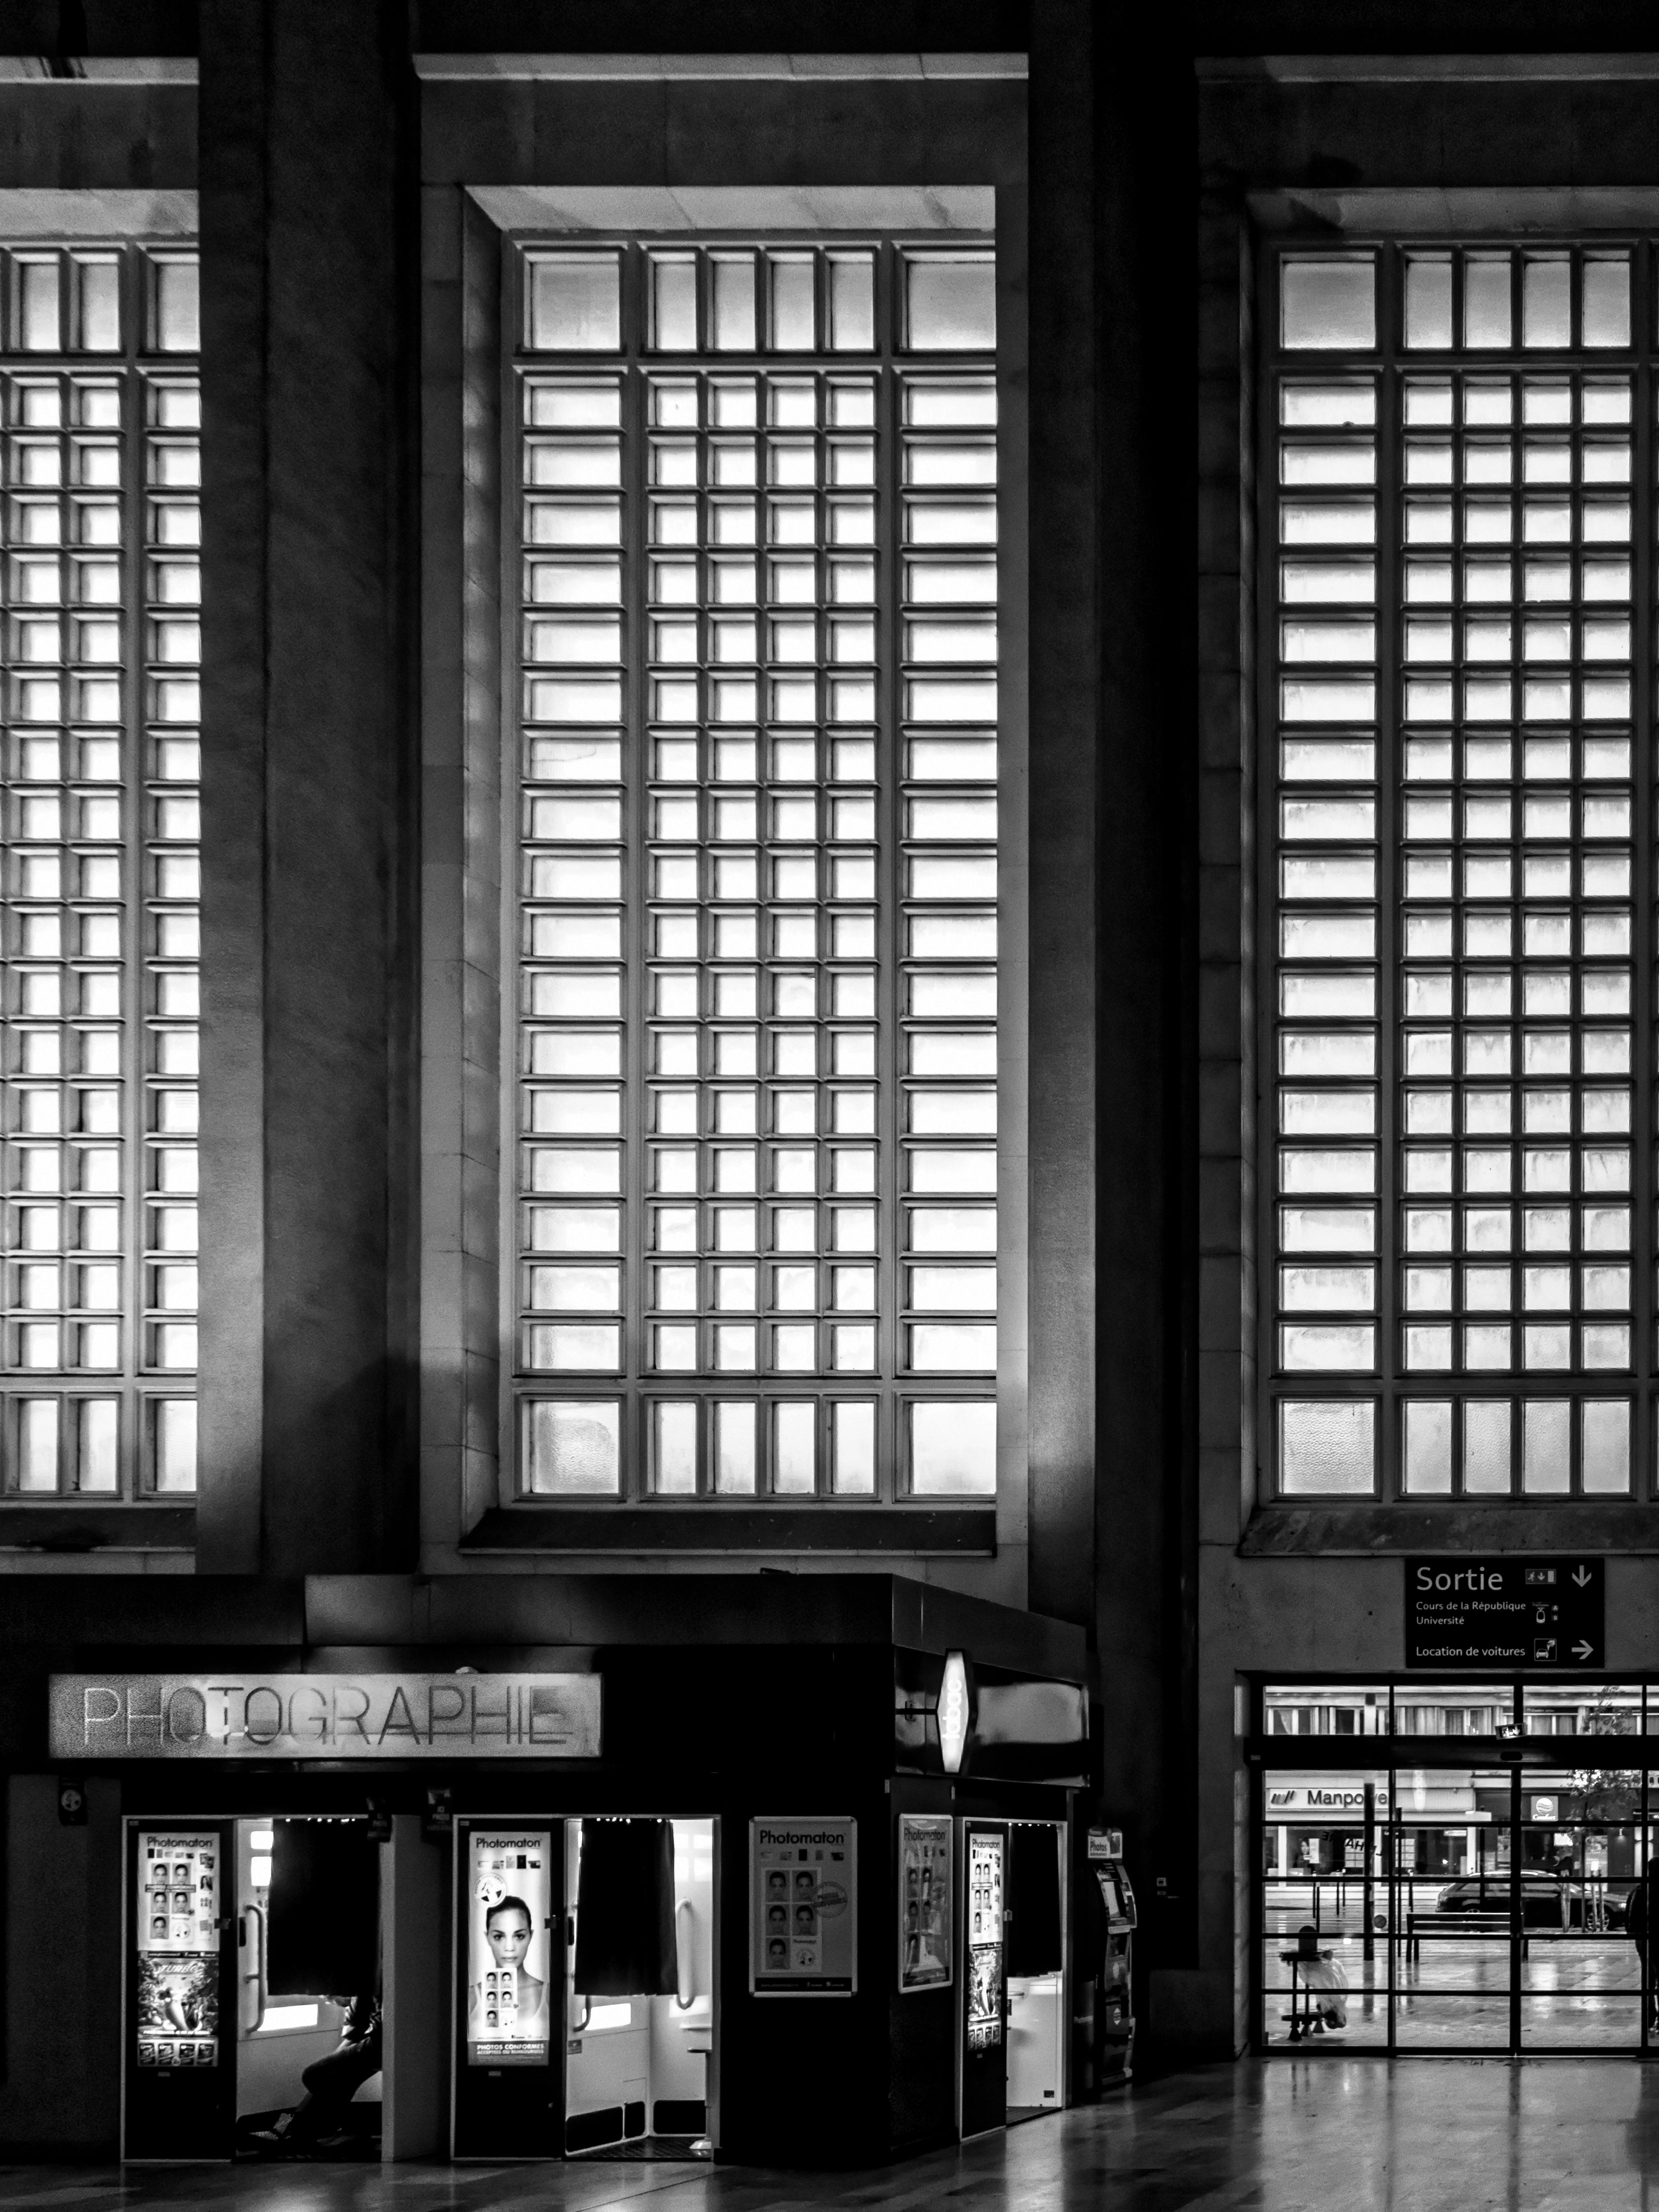 images gratuites lumi re noir et blanc architecture chemin de fer gare fa ade monochrome. Black Bedroom Furniture Sets. Home Design Ideas